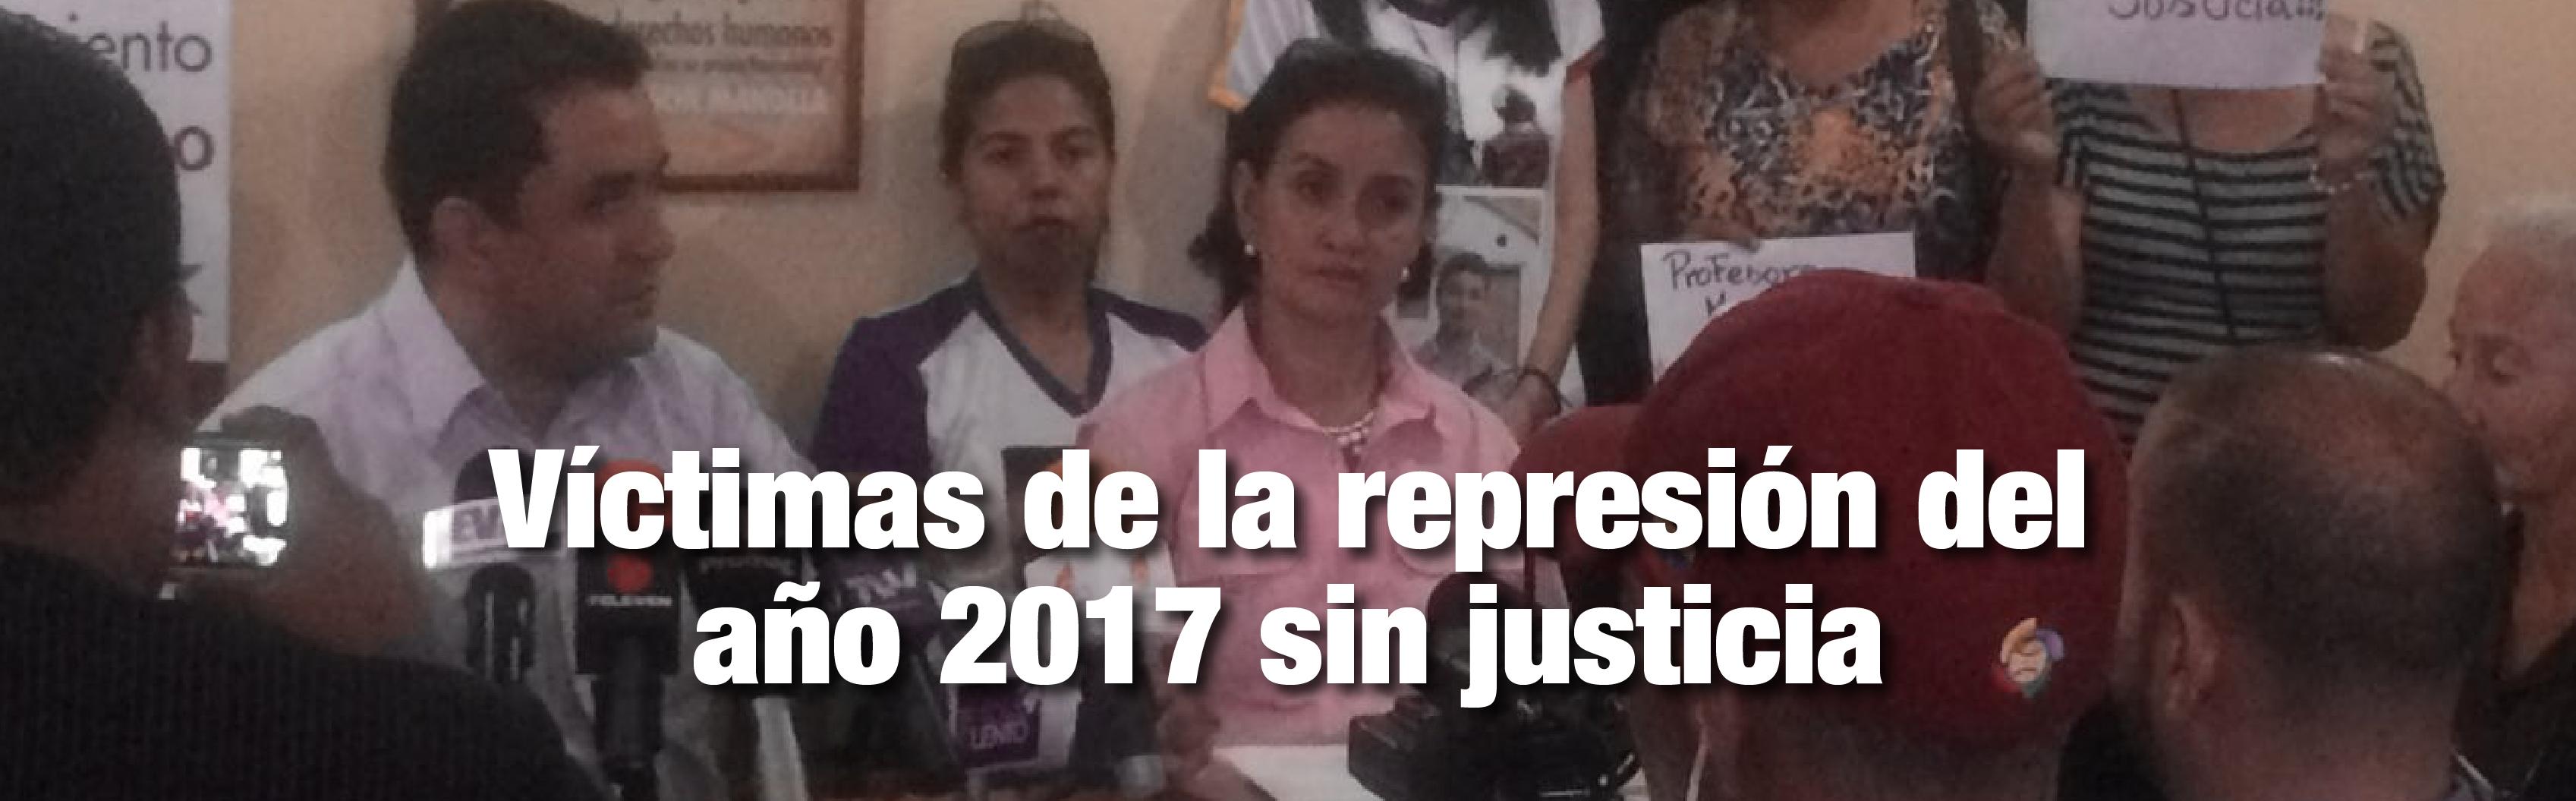 Víctimas de la represión del año 2017 sin justicia